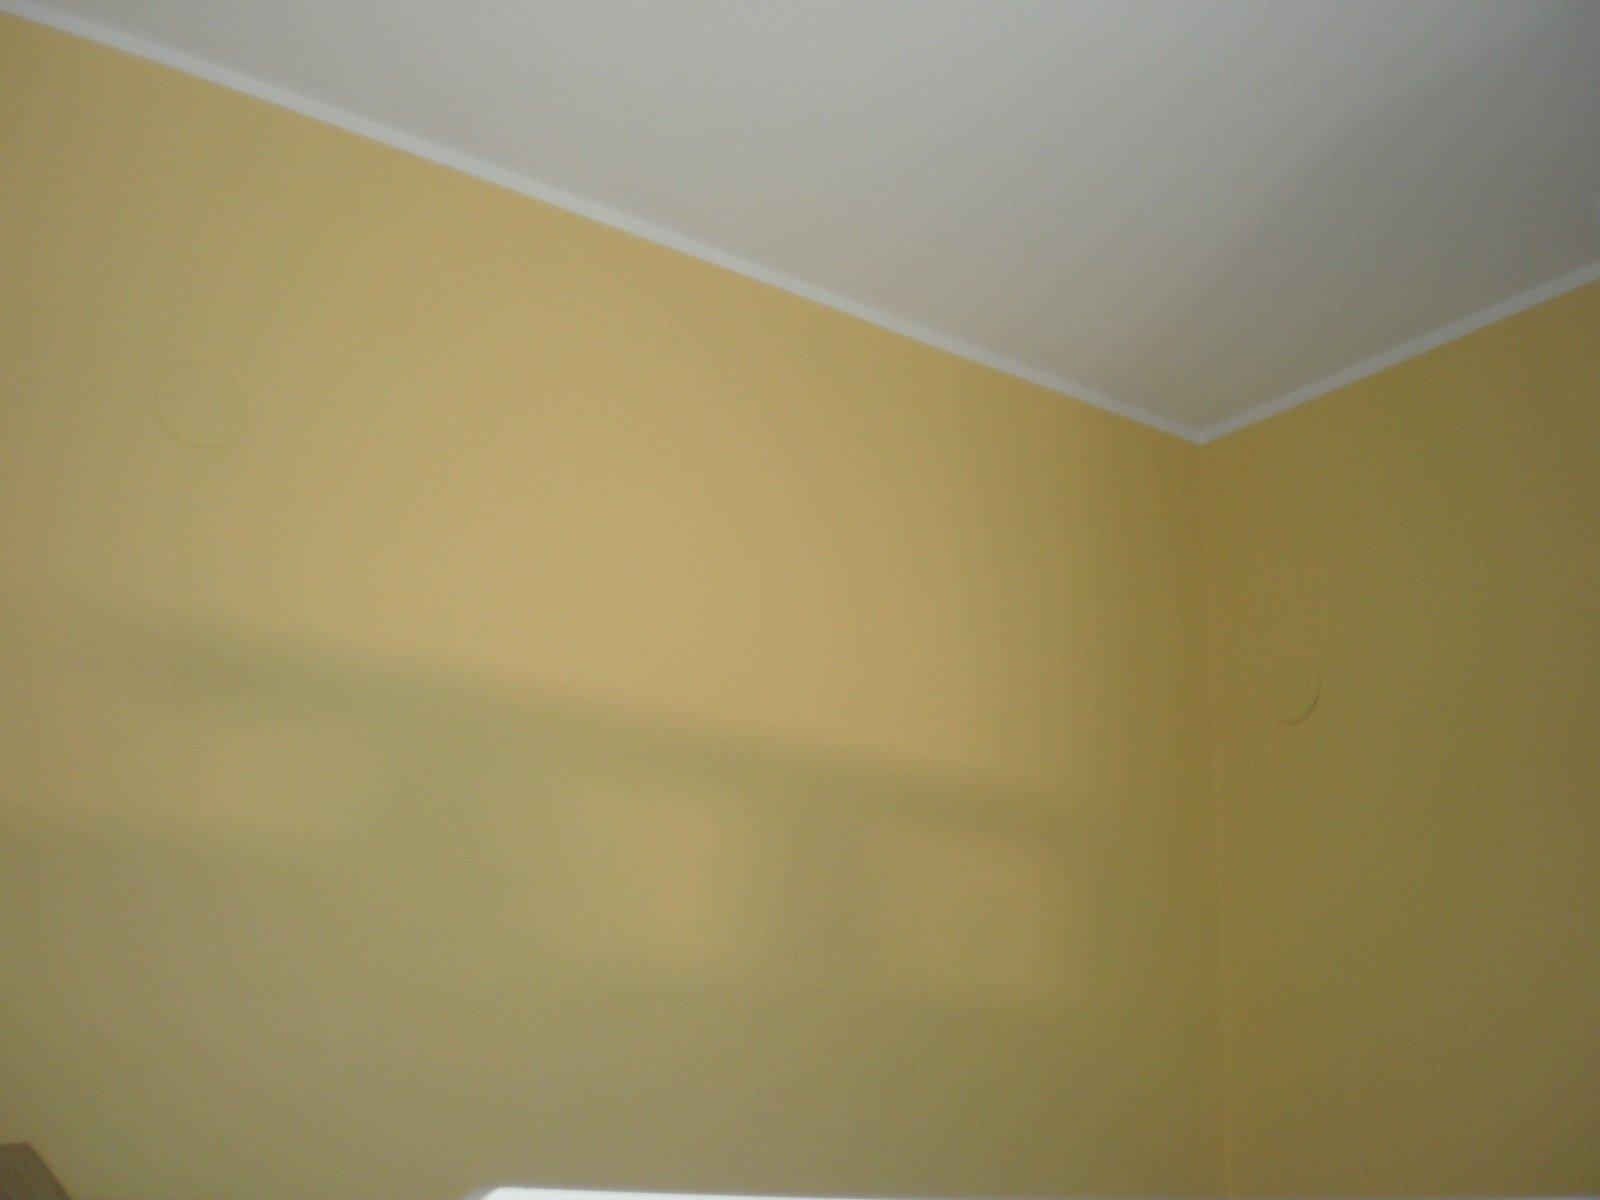 delle pareti dipinte di color giallo canarino